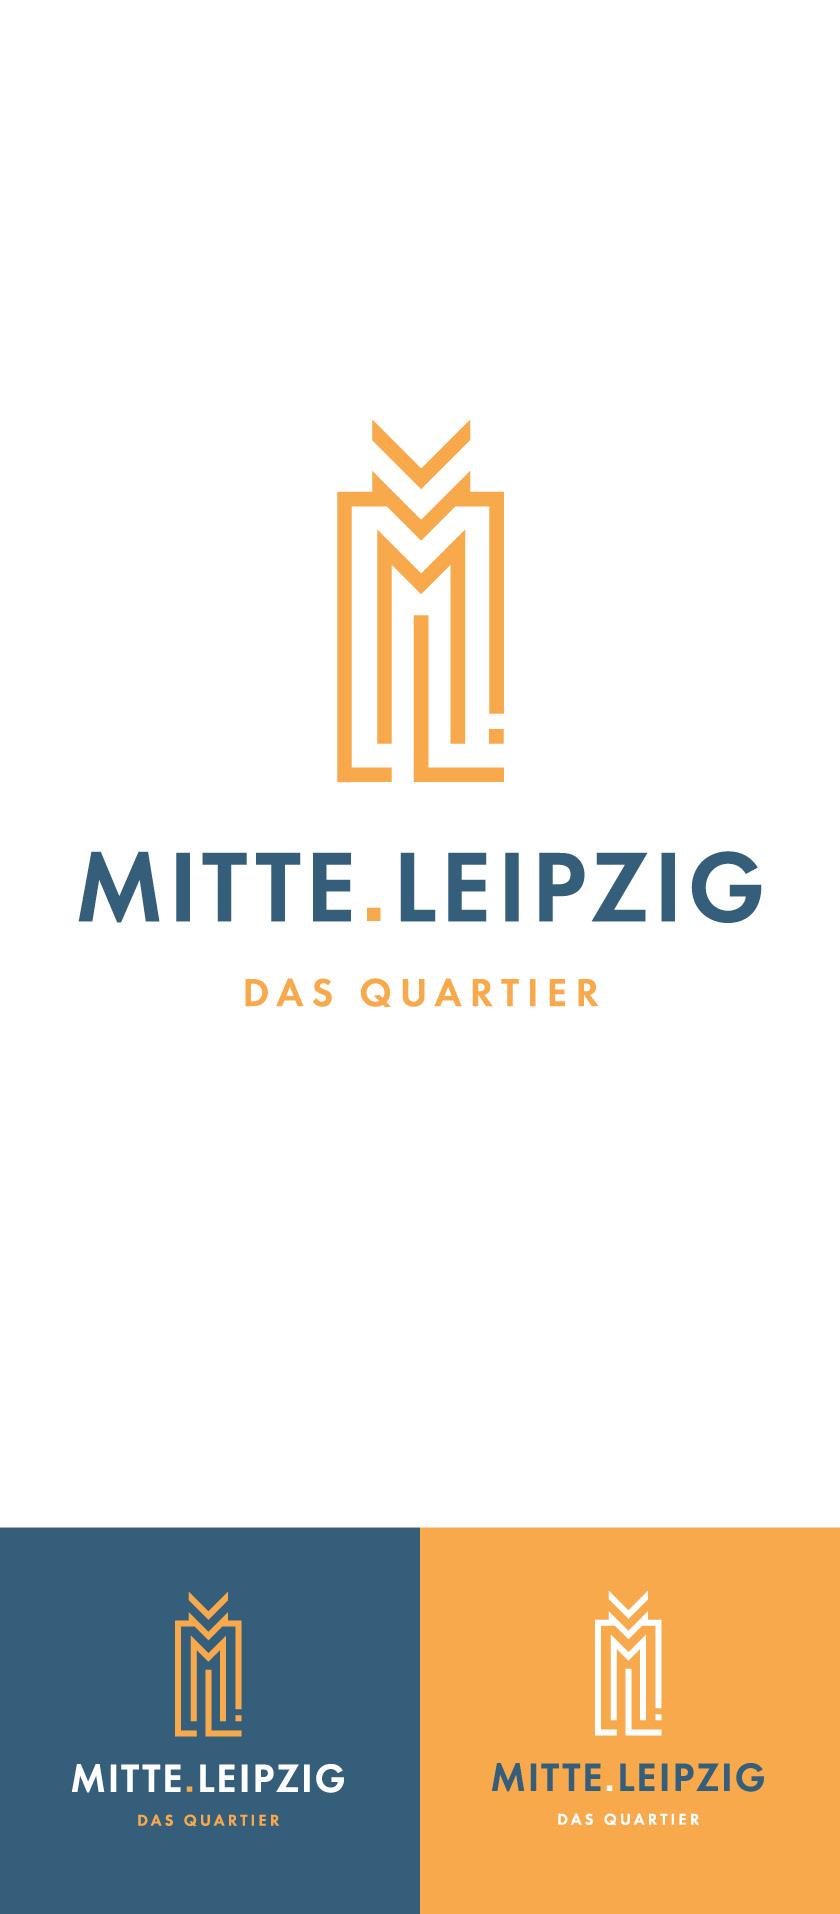 Samt&Seidel_Referenz_MitteLeipzig_Design_06